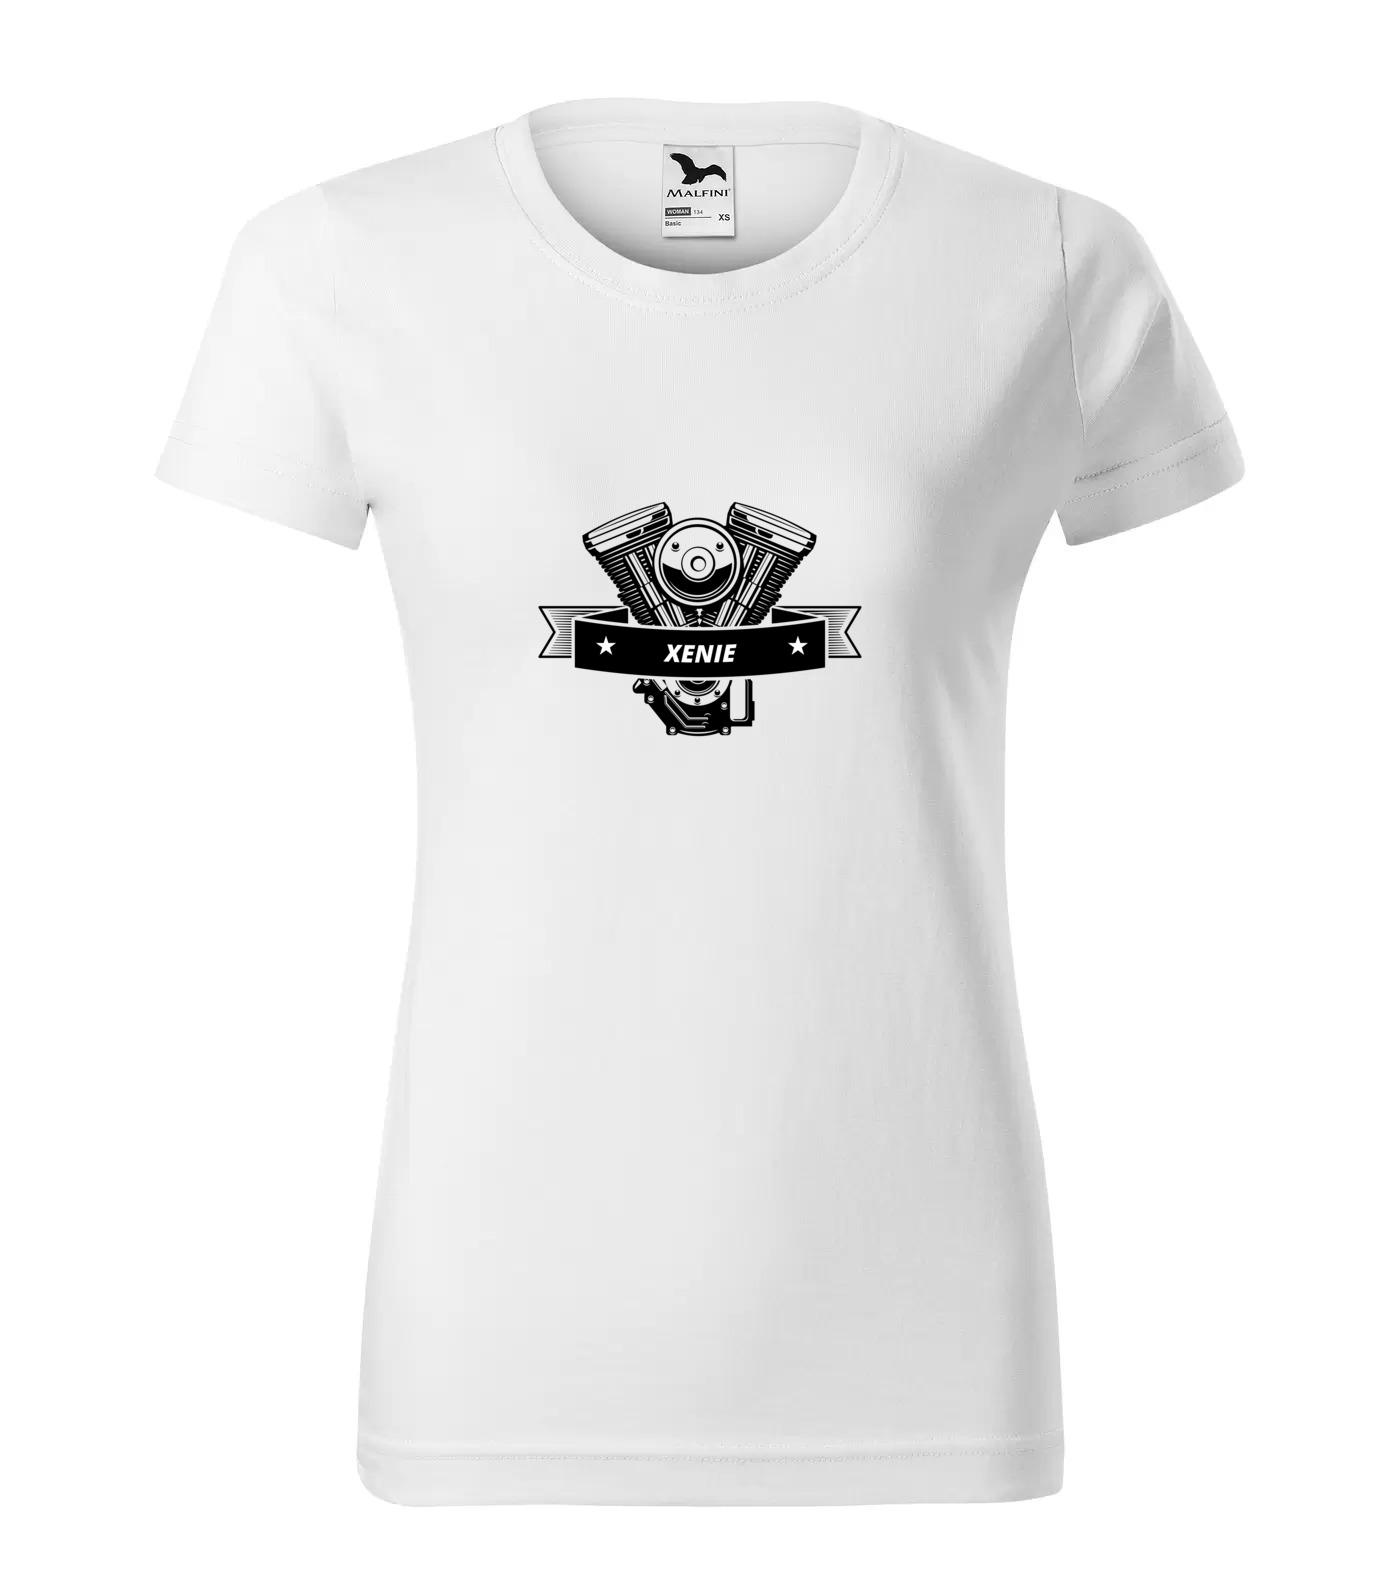 Tričko Motorkářka Xenie